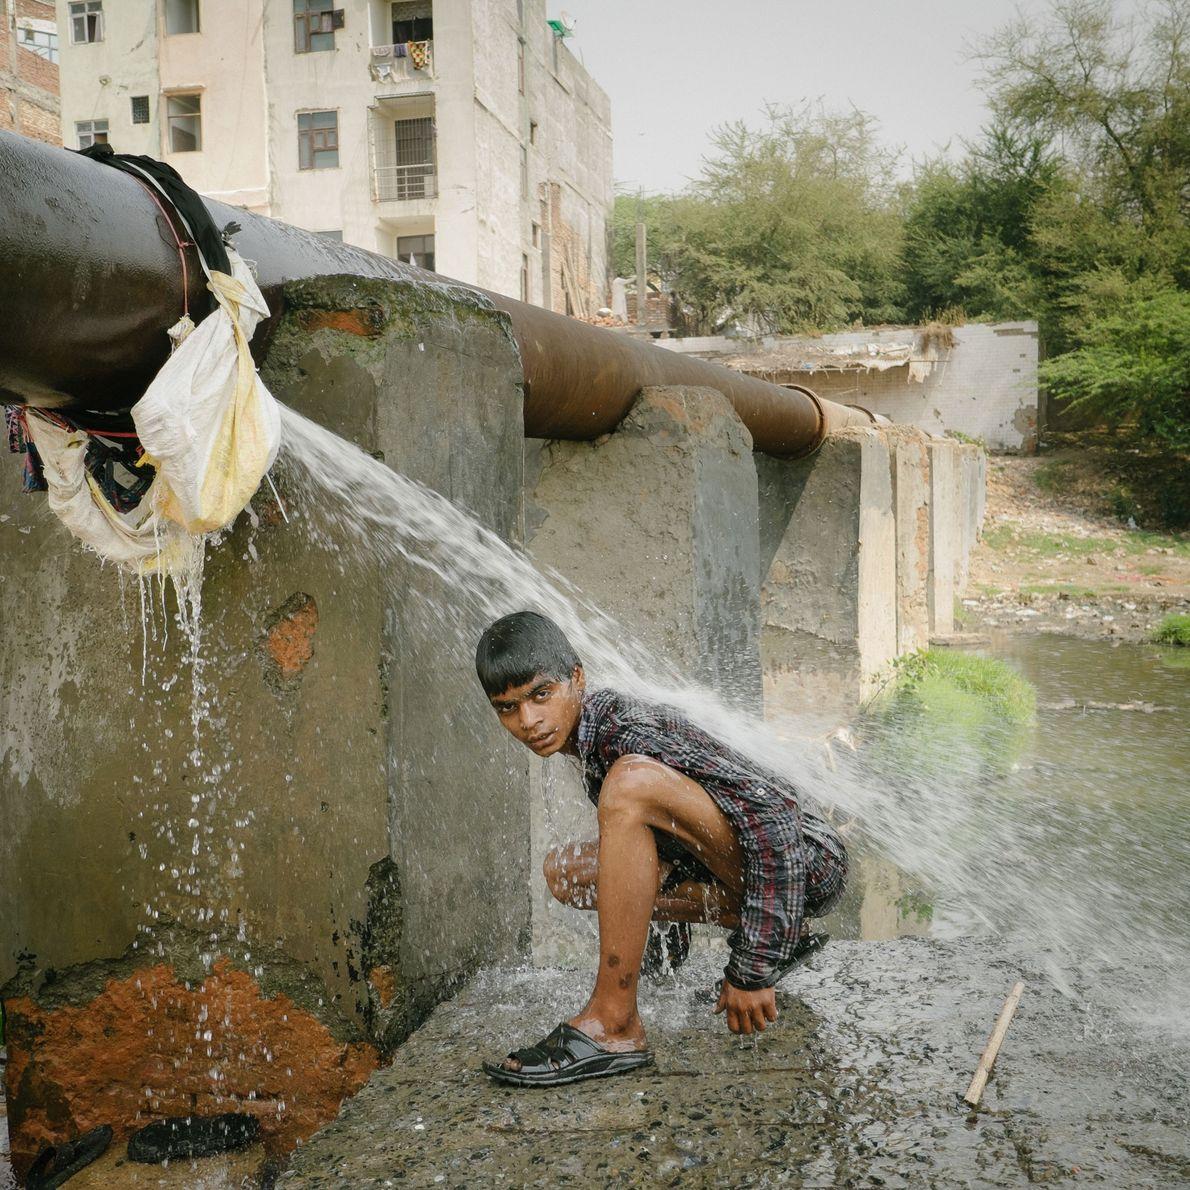 Fotografía de Omba Samir, reciclador, drogadicto